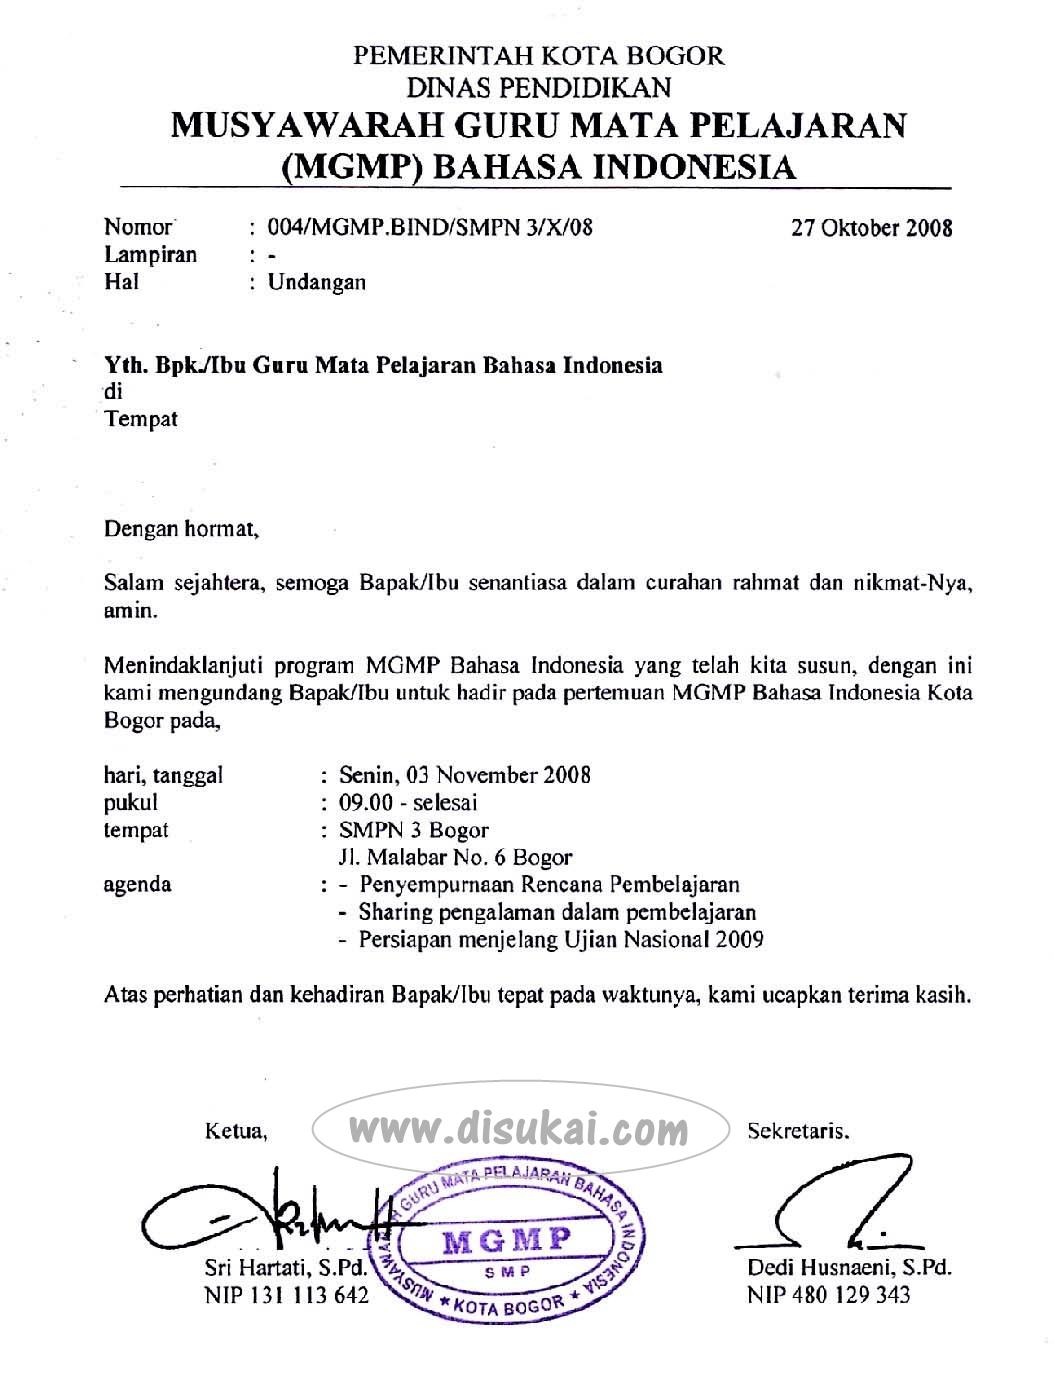 Contoh Surat Resmi Dalam Bahasa Inggris Pdf Surasmi G